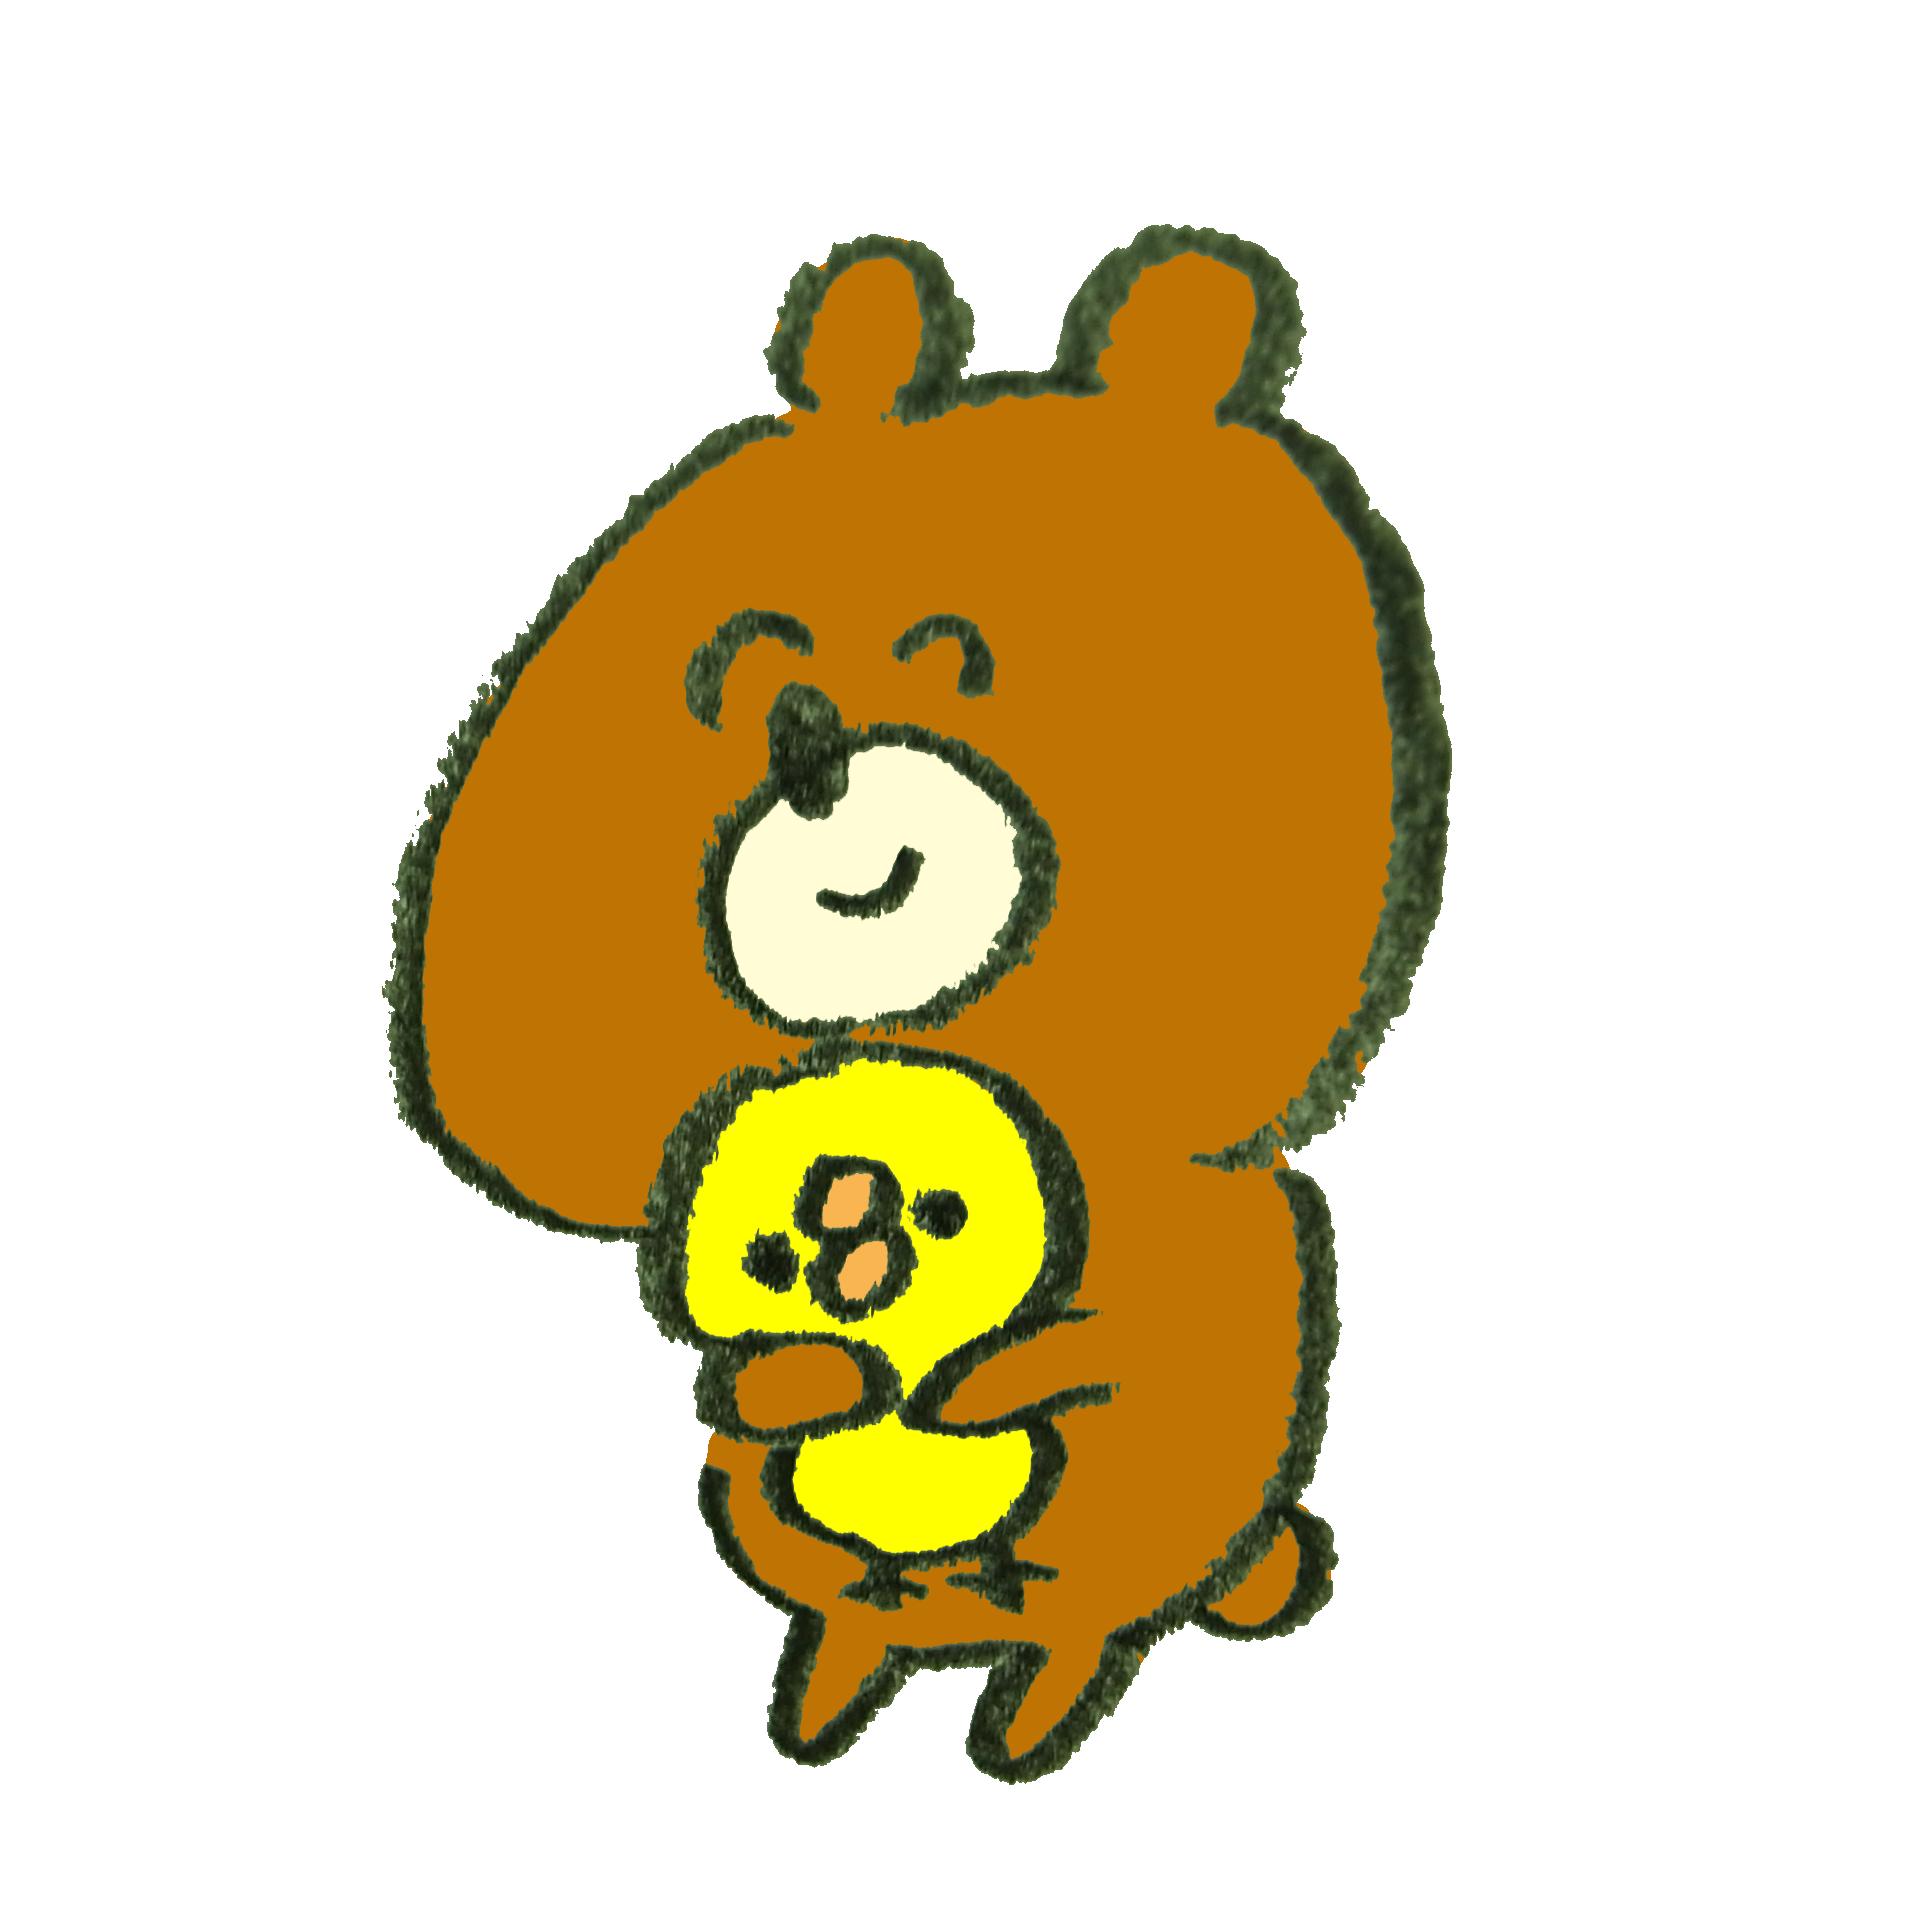 笑顔でひよこを抱きしめる熊のイラスト | ゆるくてかわいい無料イラスト